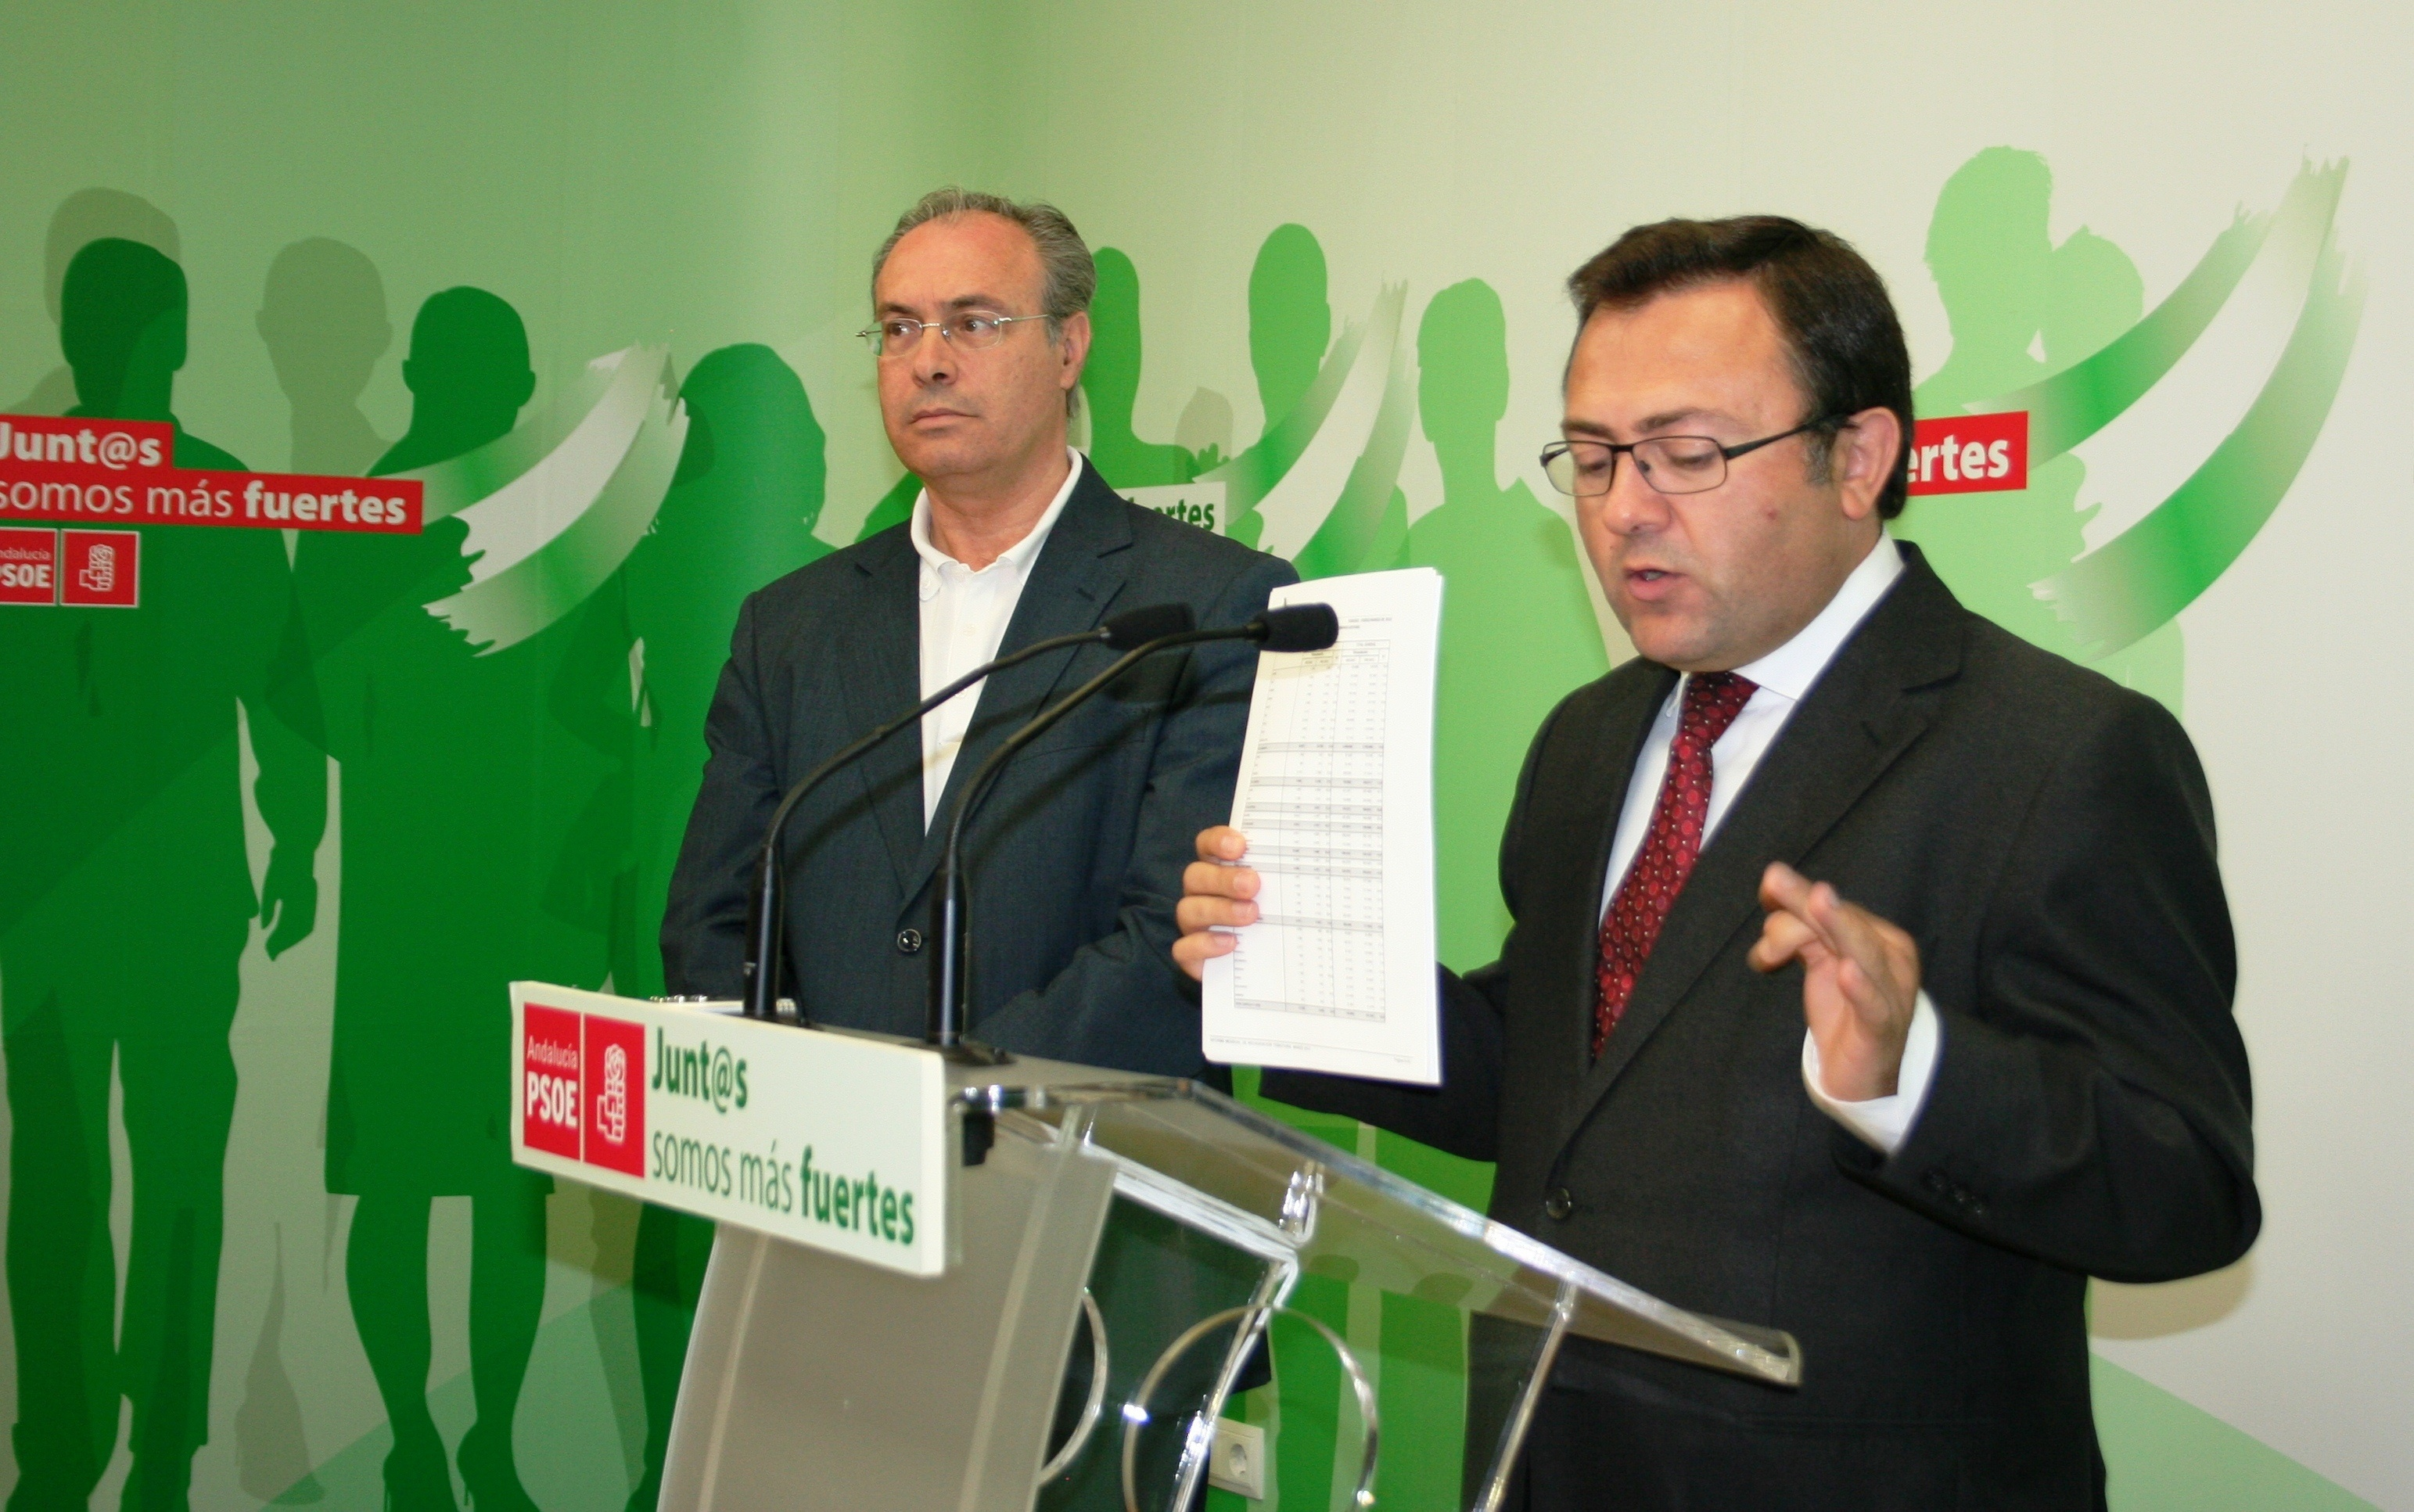 El PSOE-A reclama al Gobierno que apoye las iniciativas andaluzas contra el paro y la exclusión social